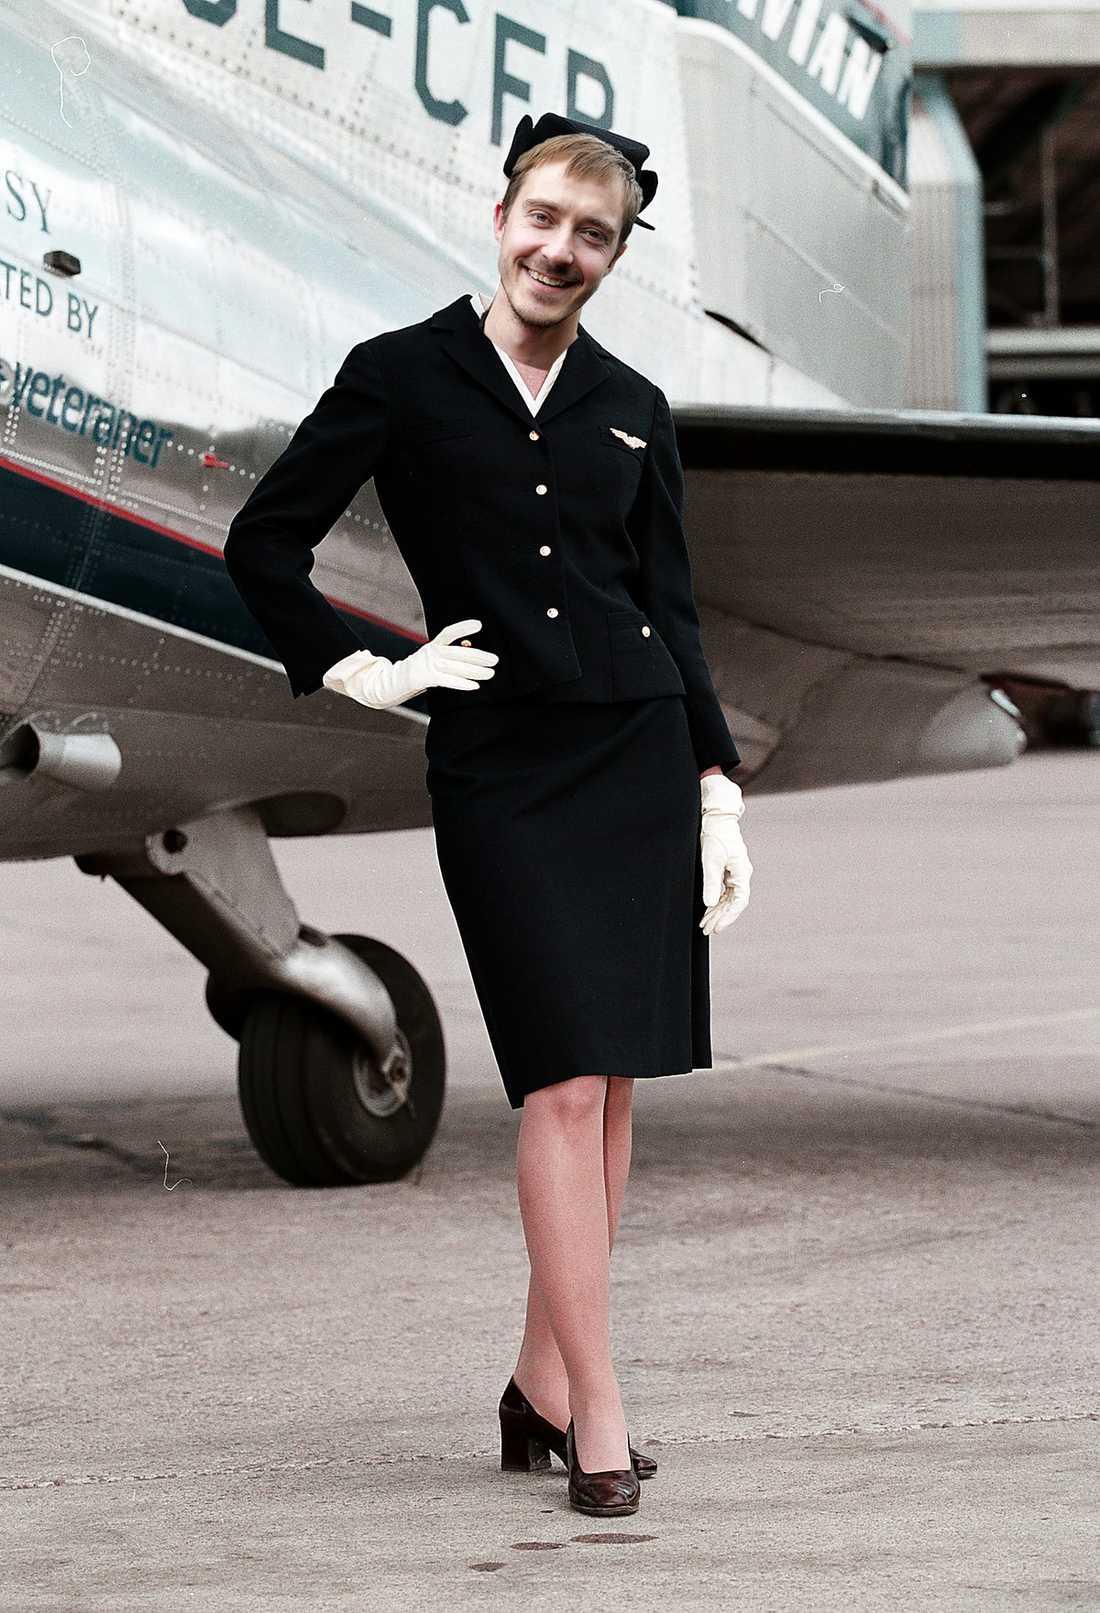 MEN FAR & FLYG Jonas Karlsson spelar en pilot som tvingas klä ut sig till kvinna för att få jobb genom könskvotering. Bilden är ett montage.